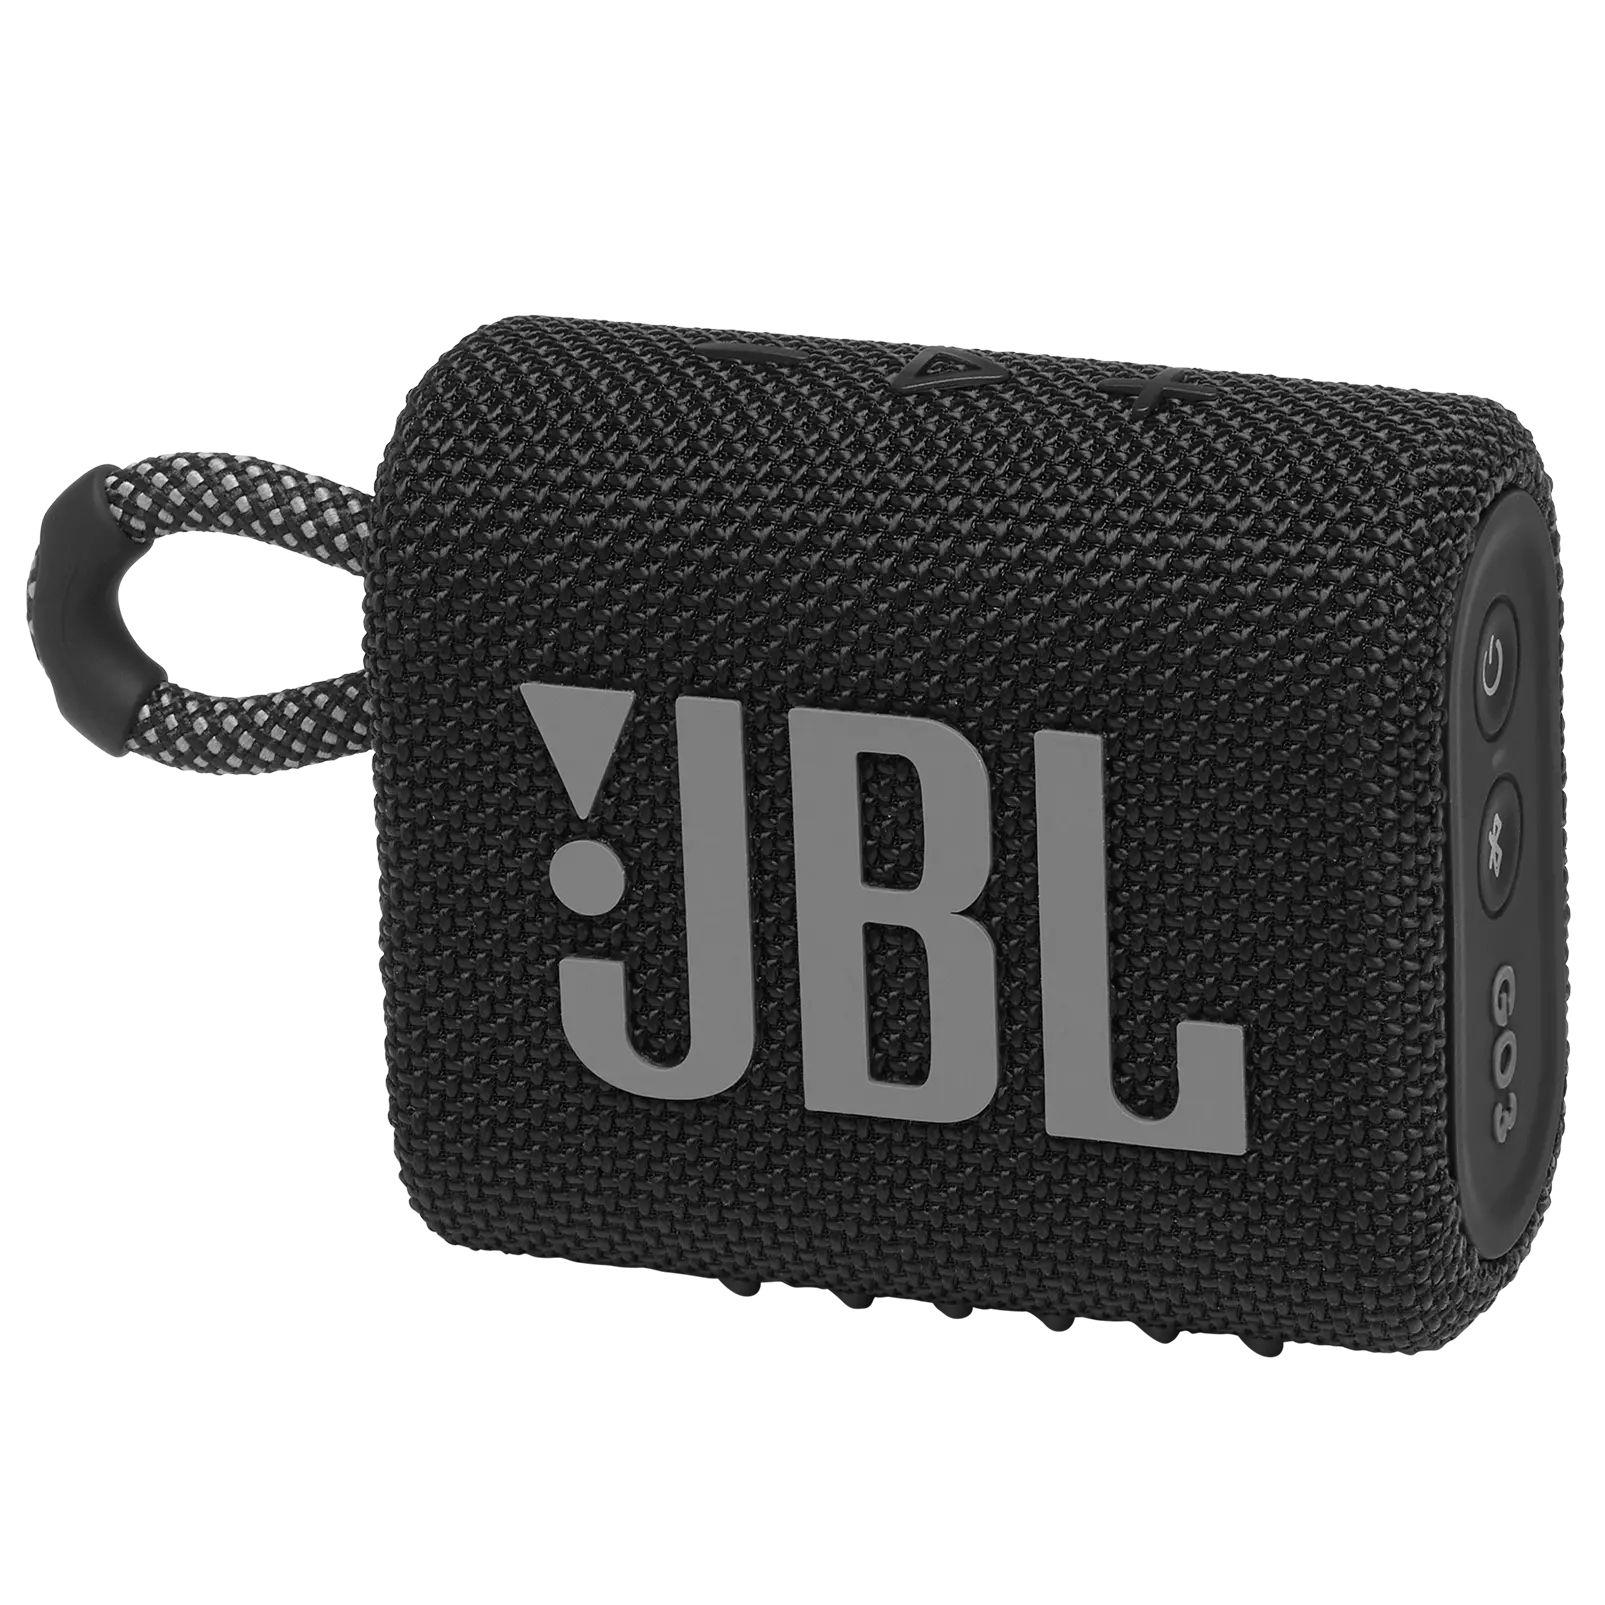 Caixa de Som Bluetooth Portatil JBL GO 3 - Preta JBLGO3BLK